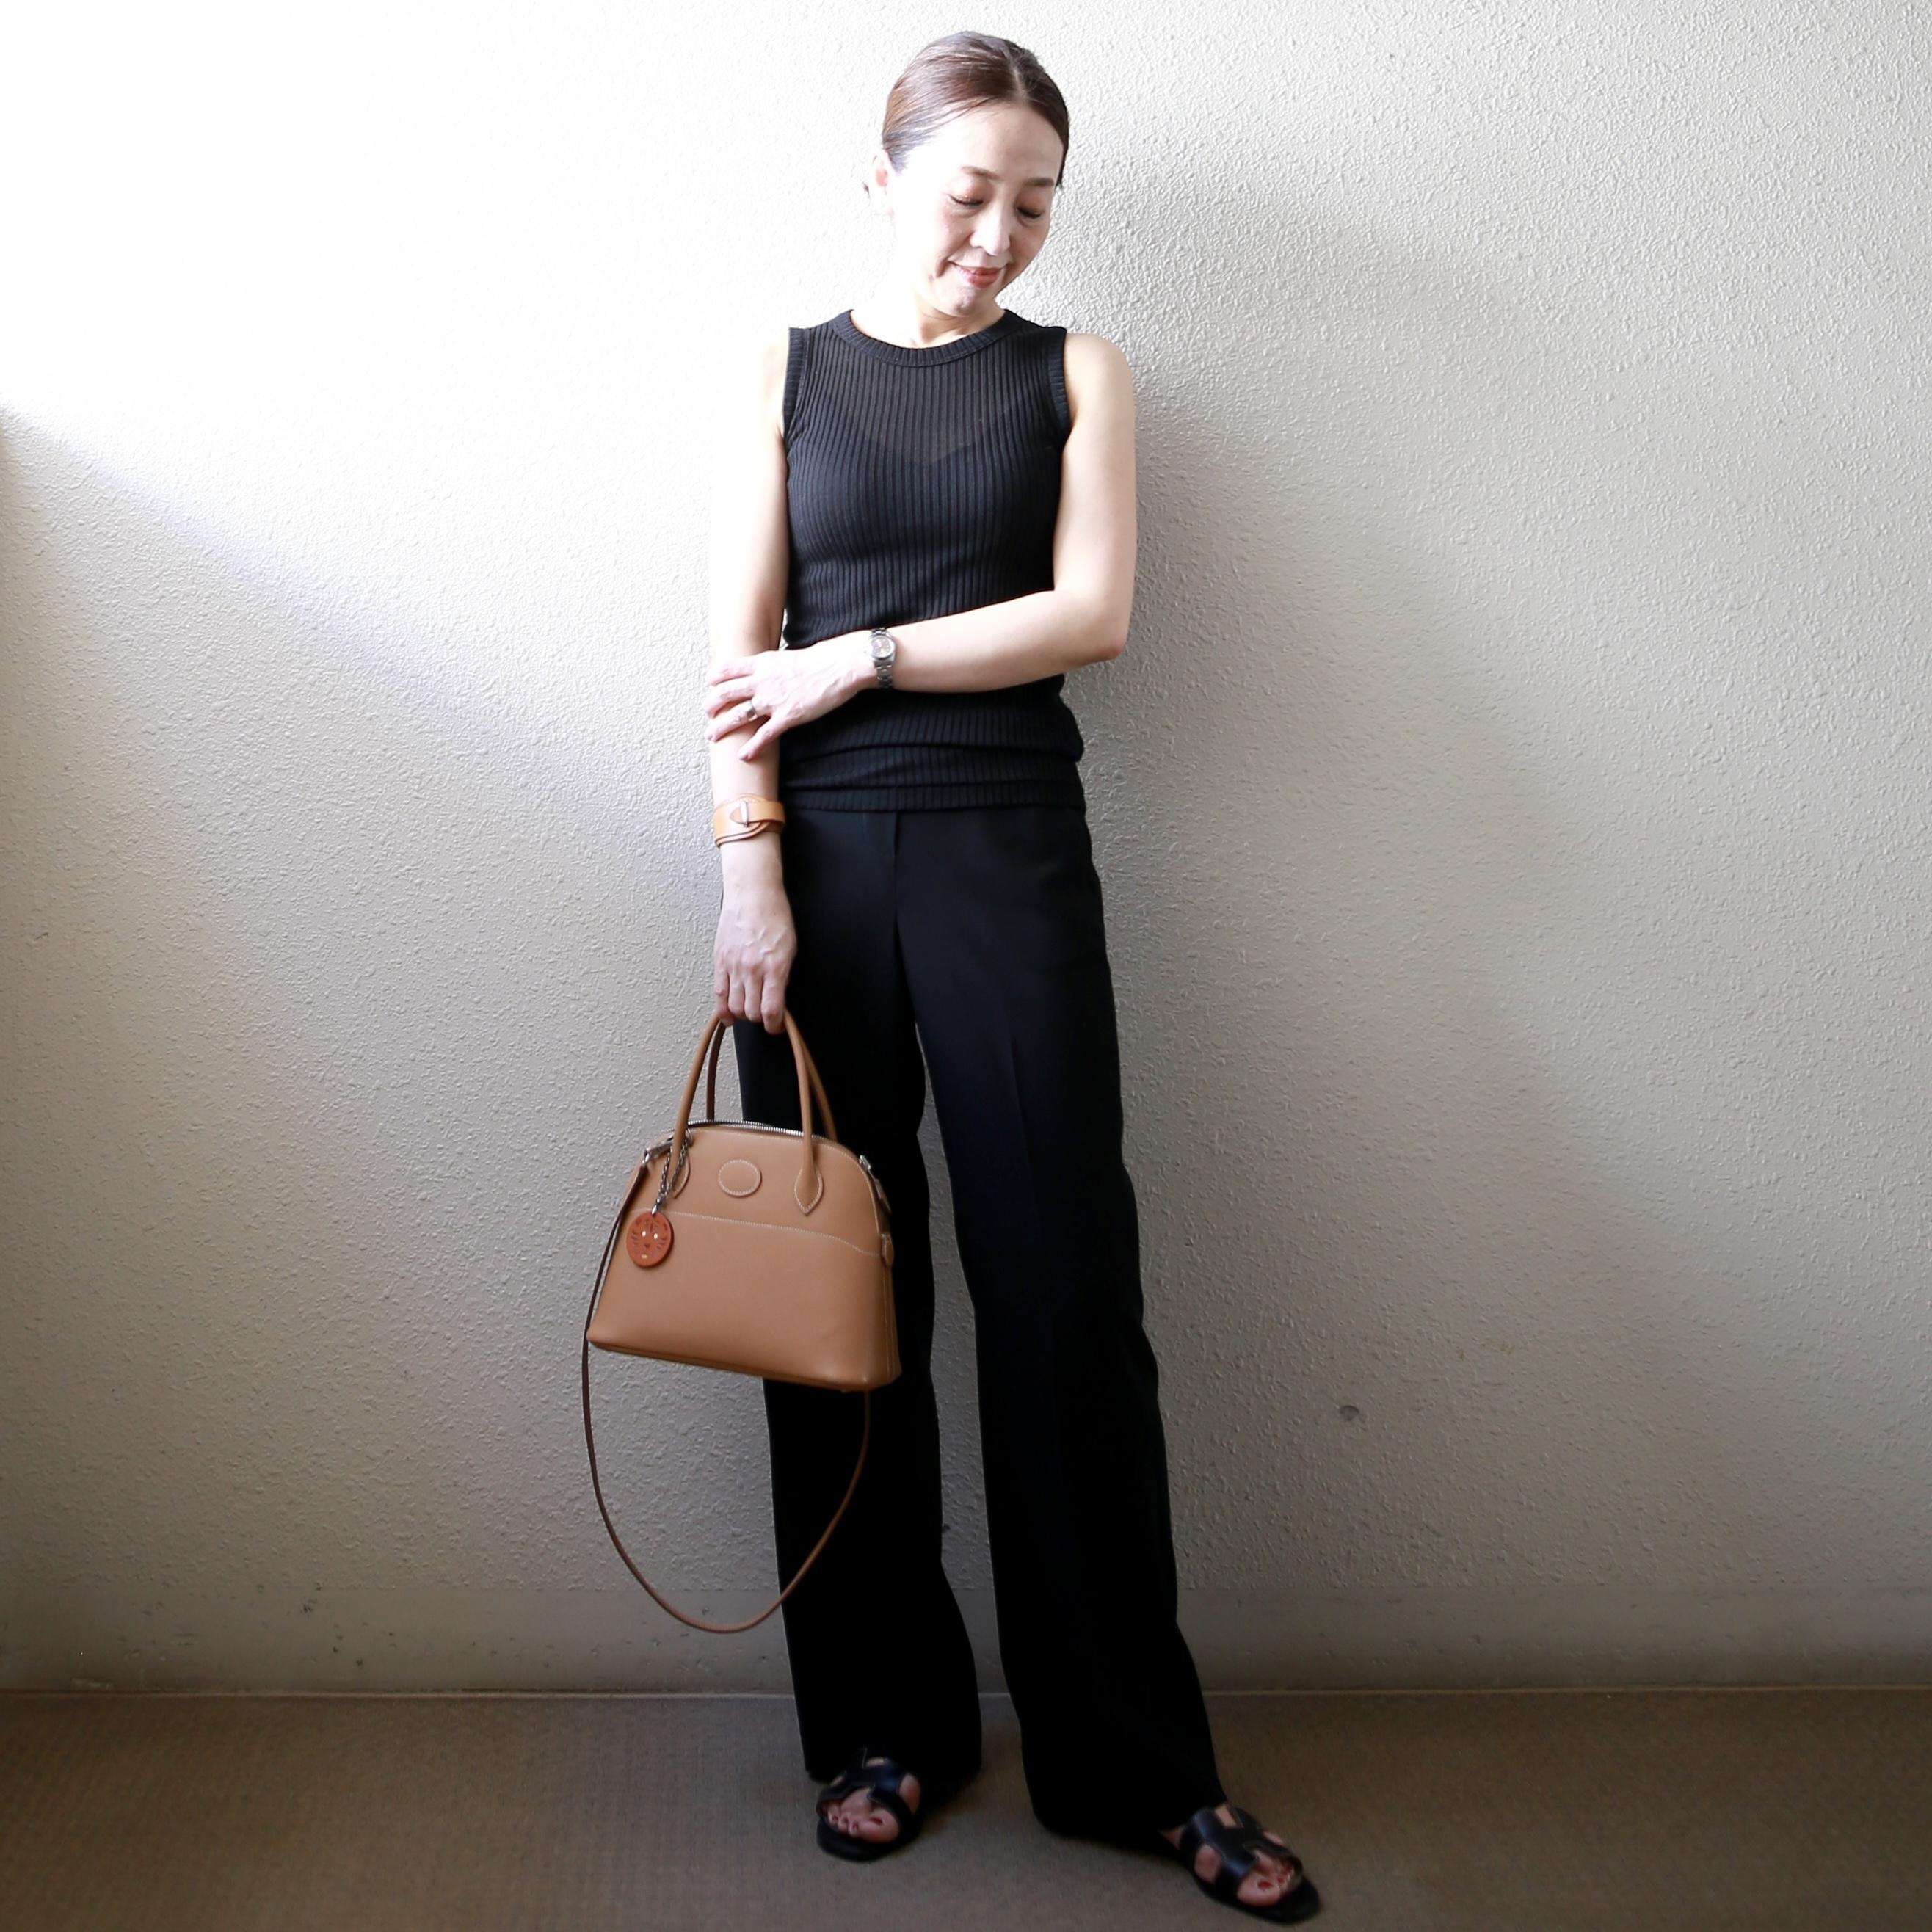 【真夏こそ映える黒コーデ】重たく見えず、シックに決まるアラフォーの黒コーデまとめ|40代ファッション_1_18